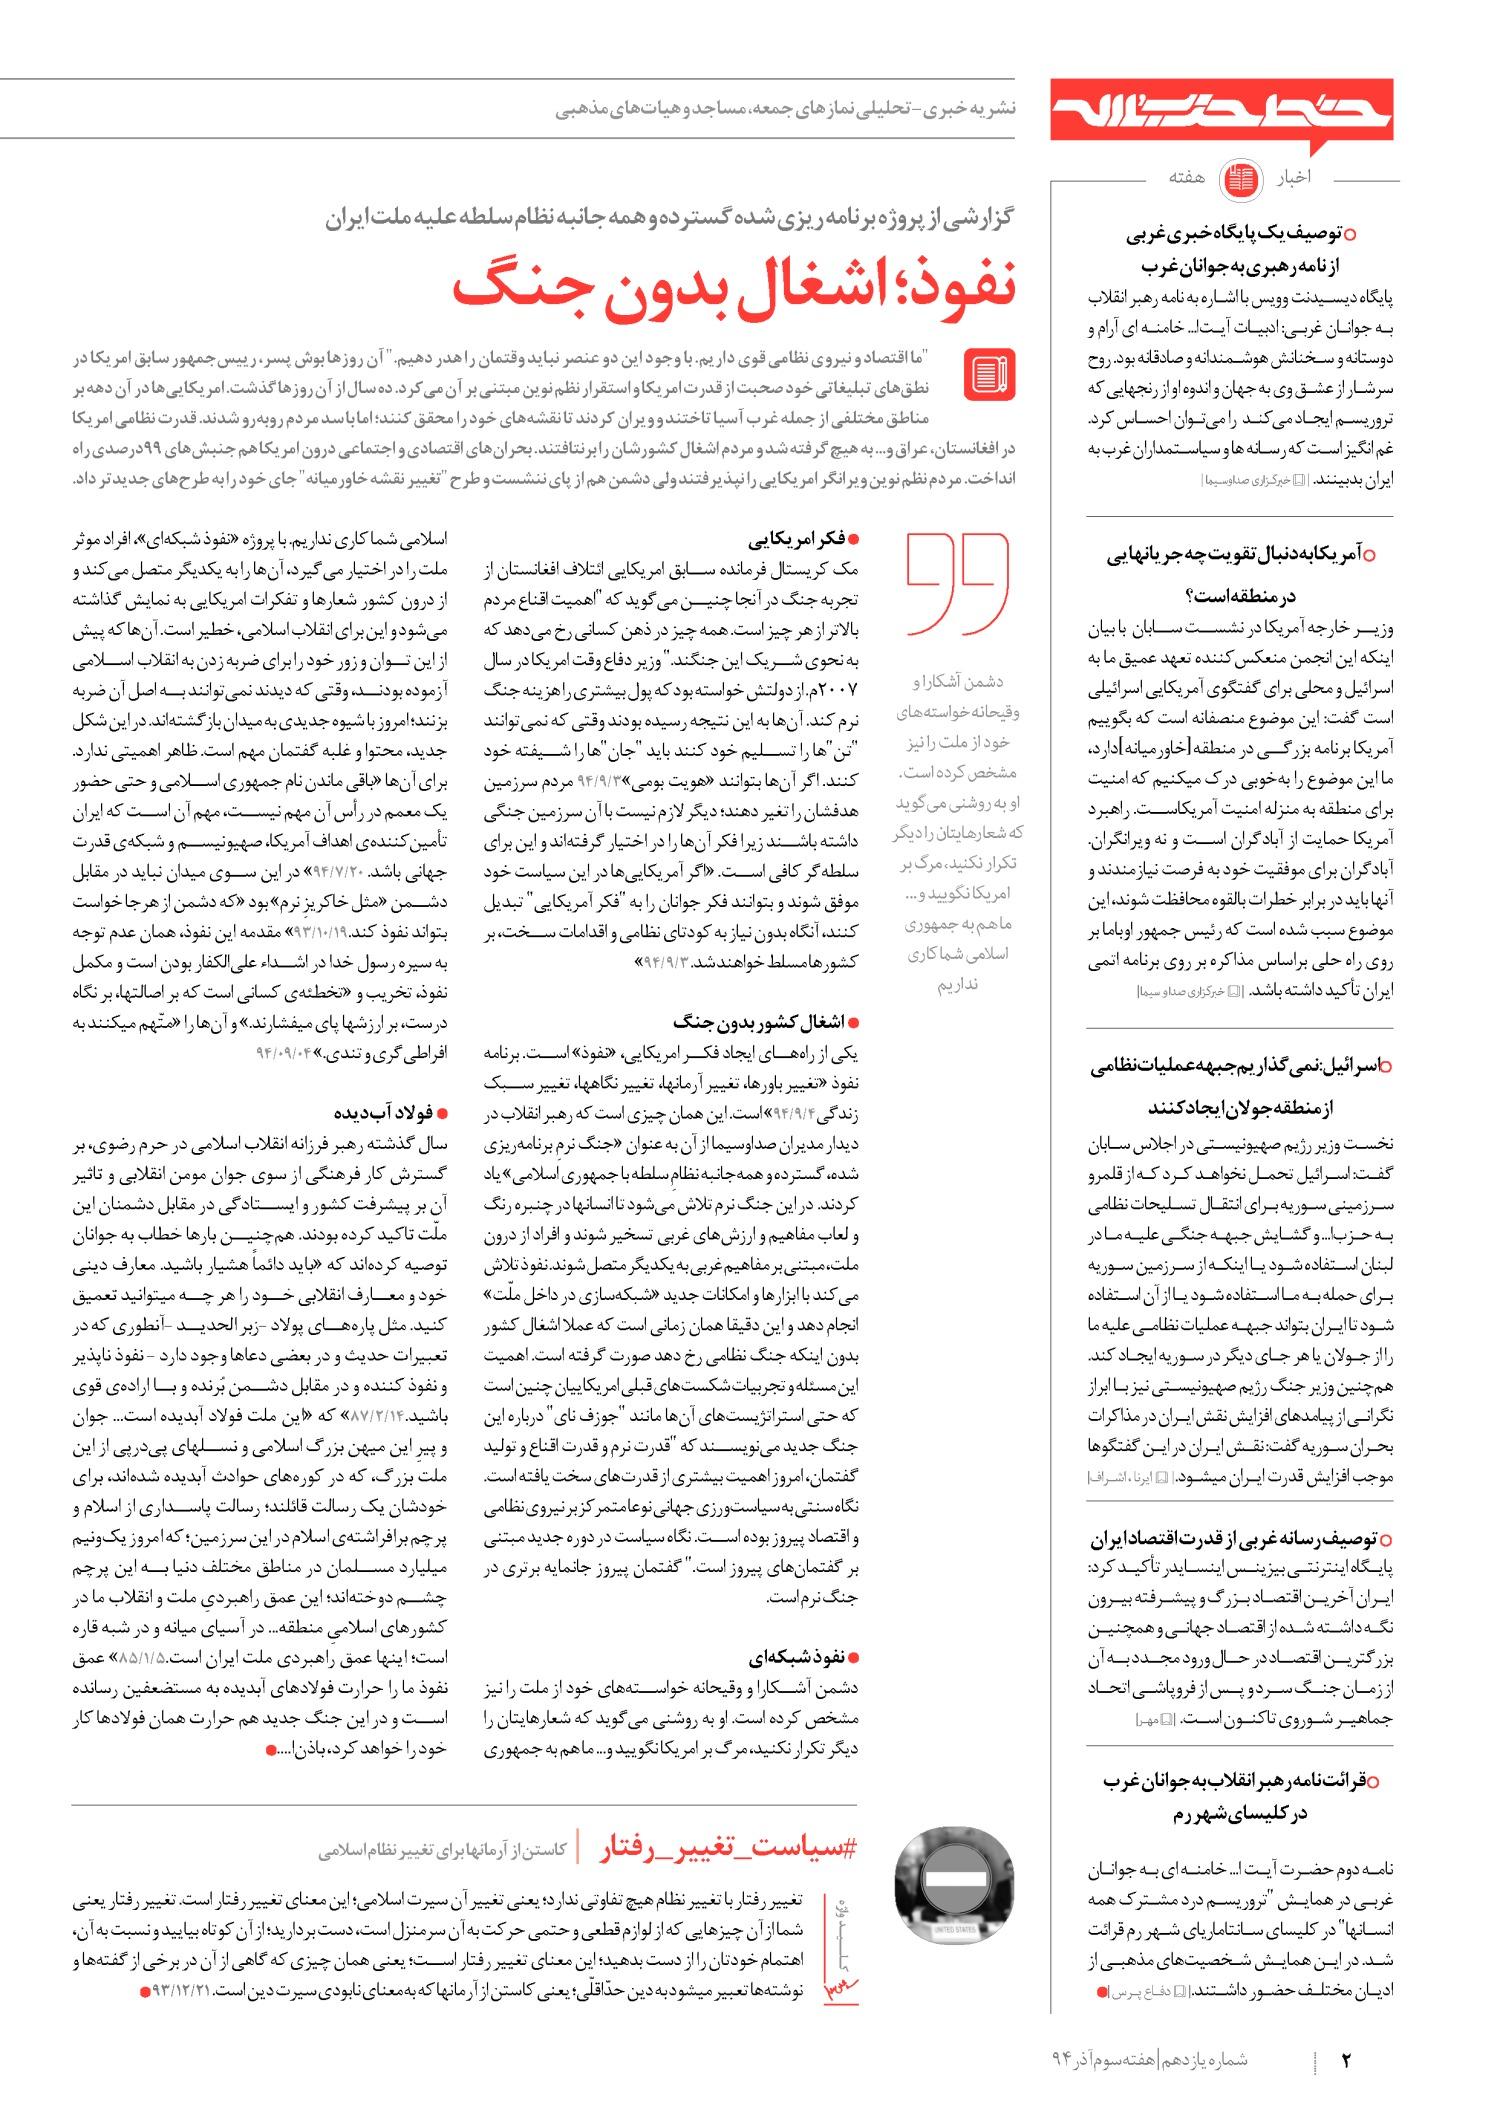 خط حزب الله -شماره پنجم خط حزب الله -شماره یازدهم page large 21 1